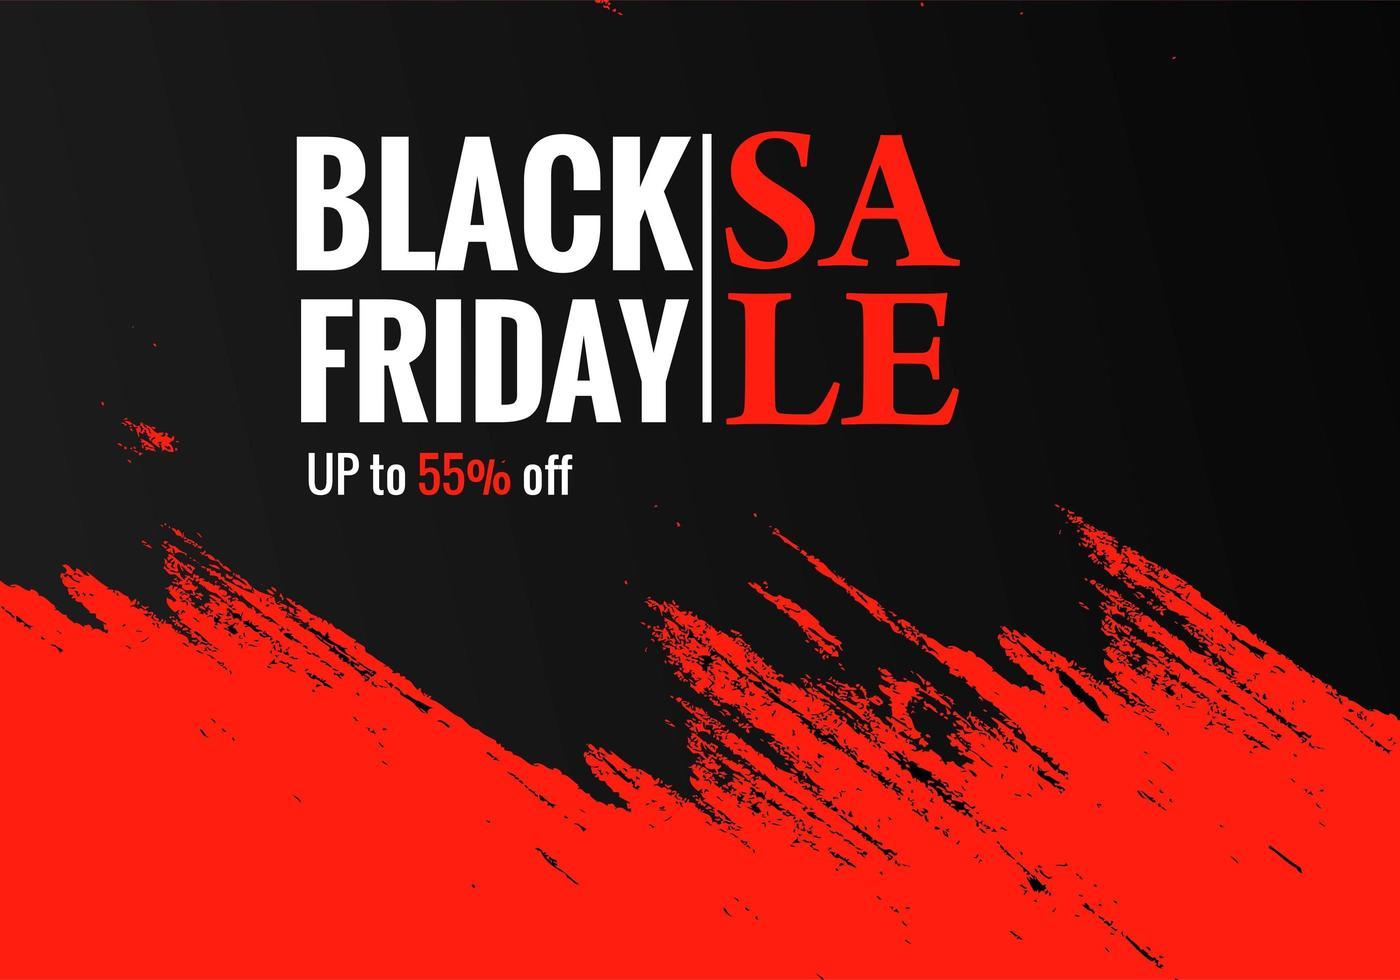 affiche de vente vendredi noir sur un fond de coup de pinceau à la main vecteur